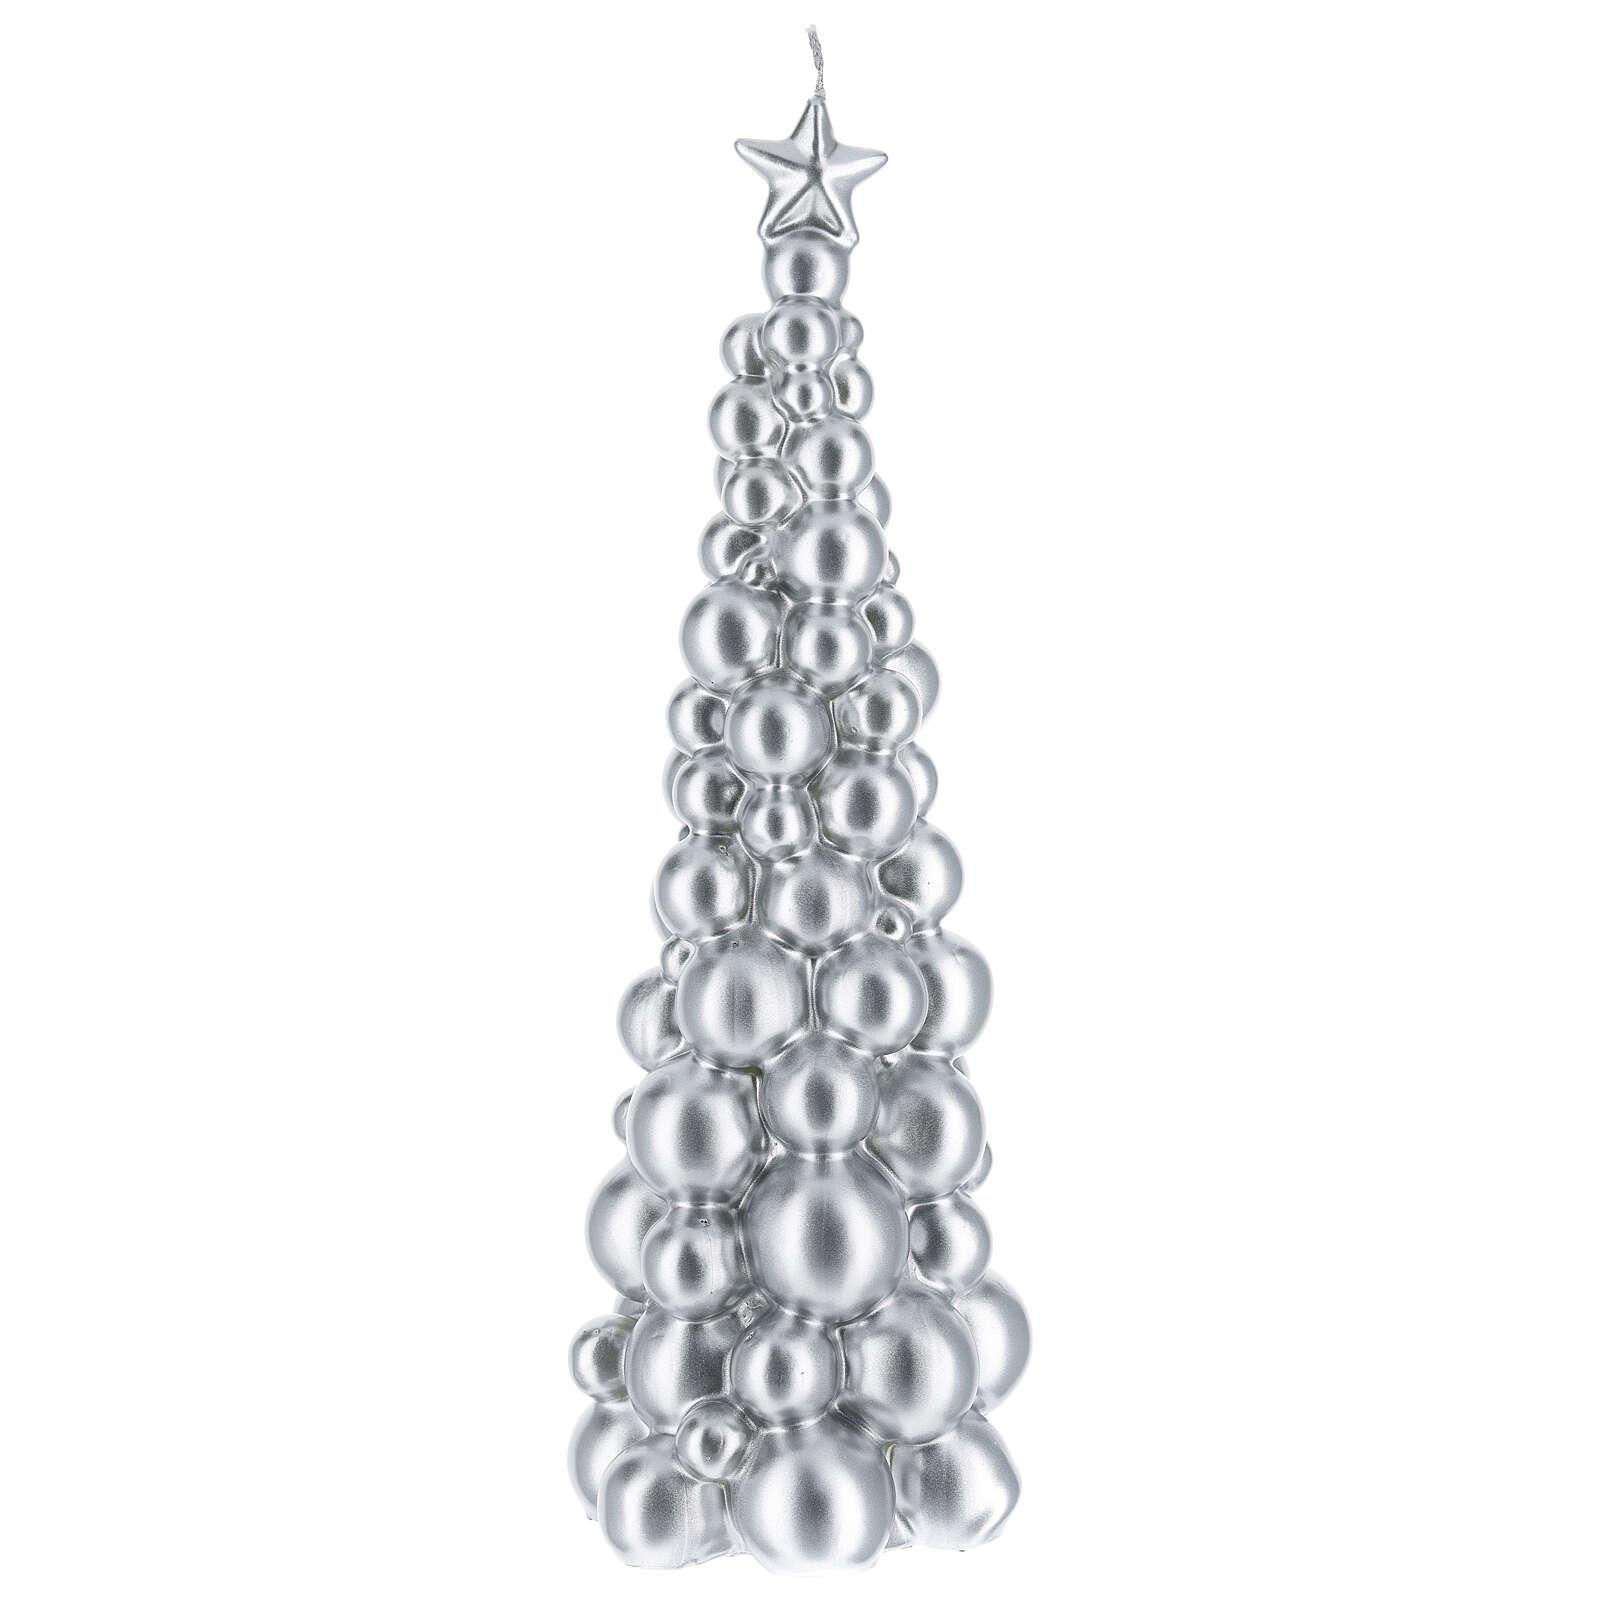 Vela de Natal árvore prateada modelo Moscovo 30 cm 3